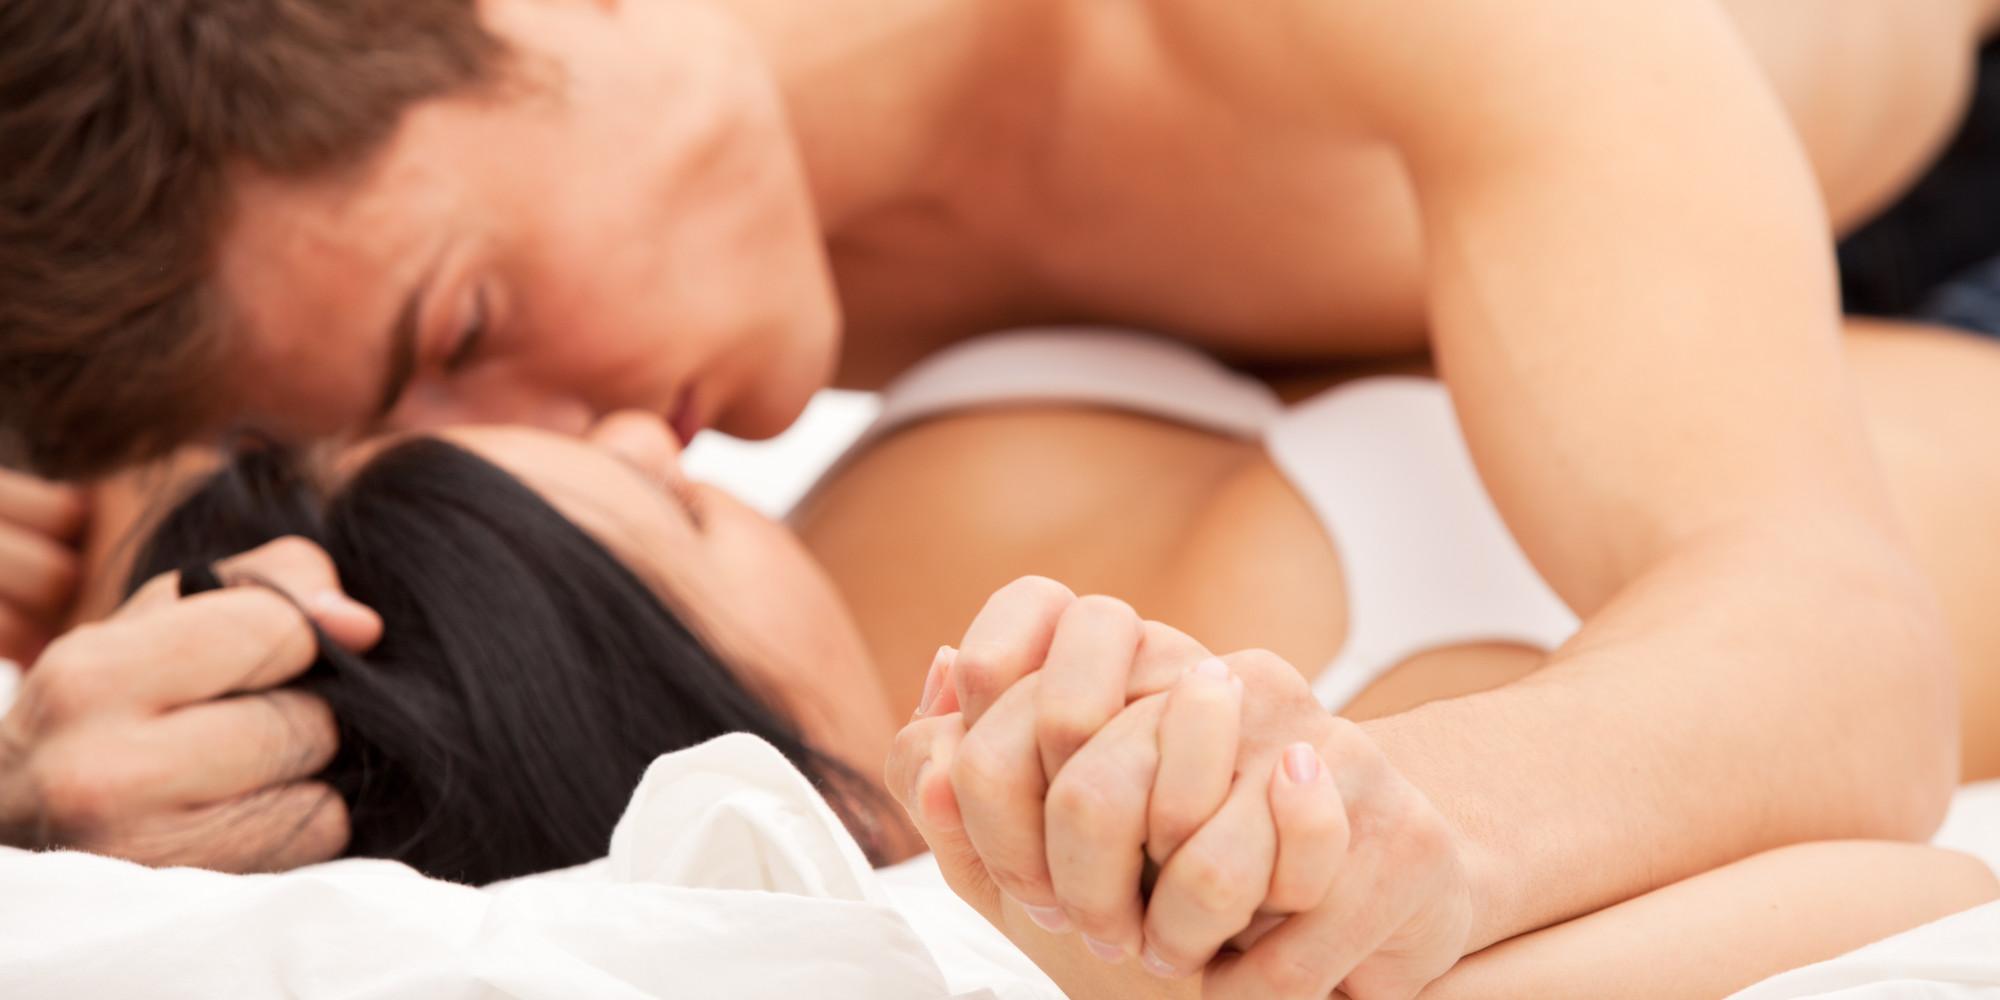 Sexo: praticamente uma medicina preventiva